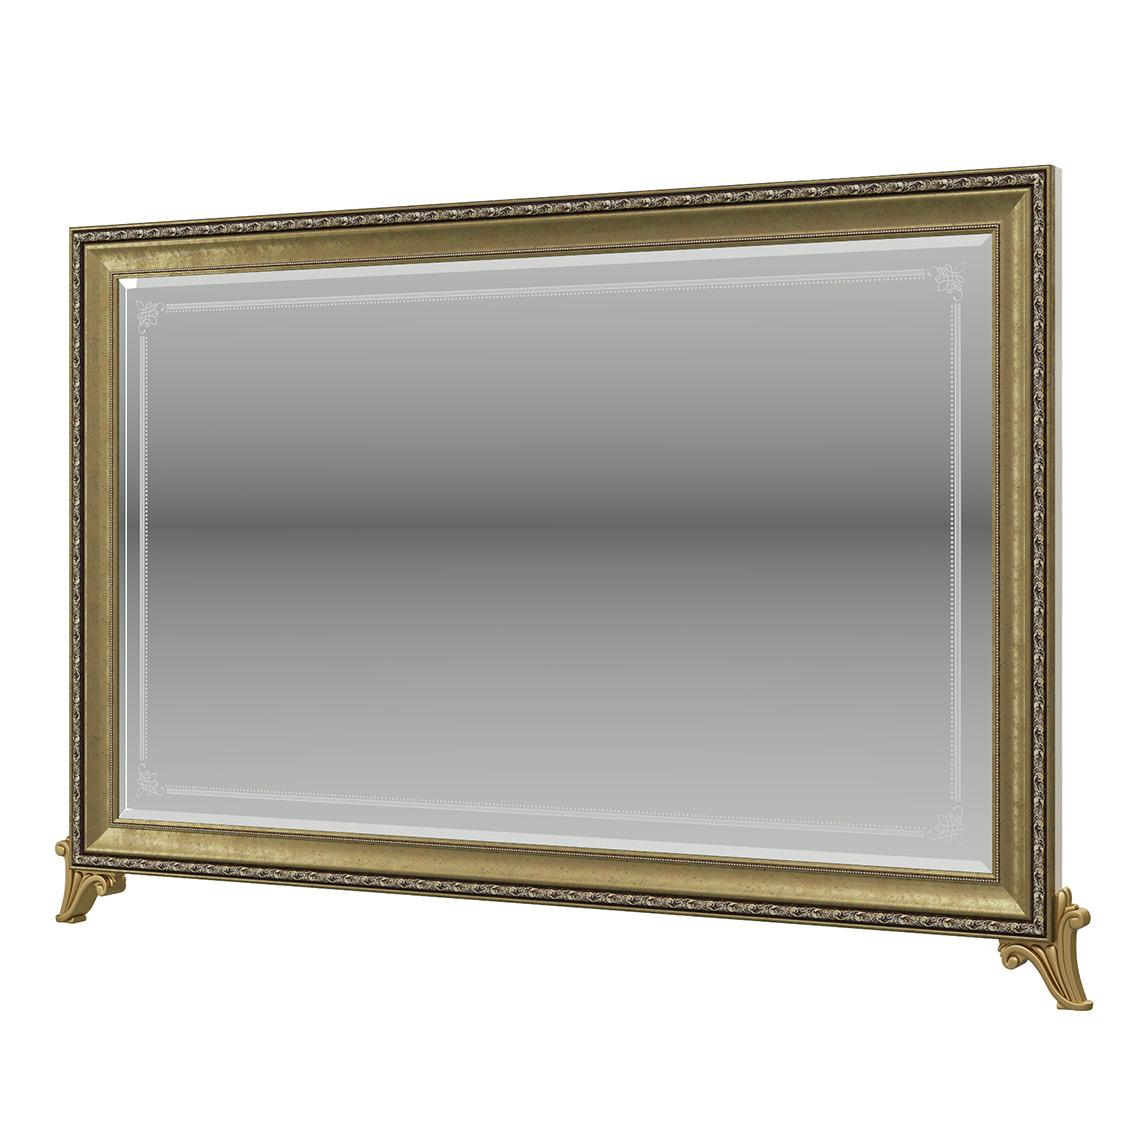 Зеркало Мэри Мебель Версаль ГВ 06, цвет